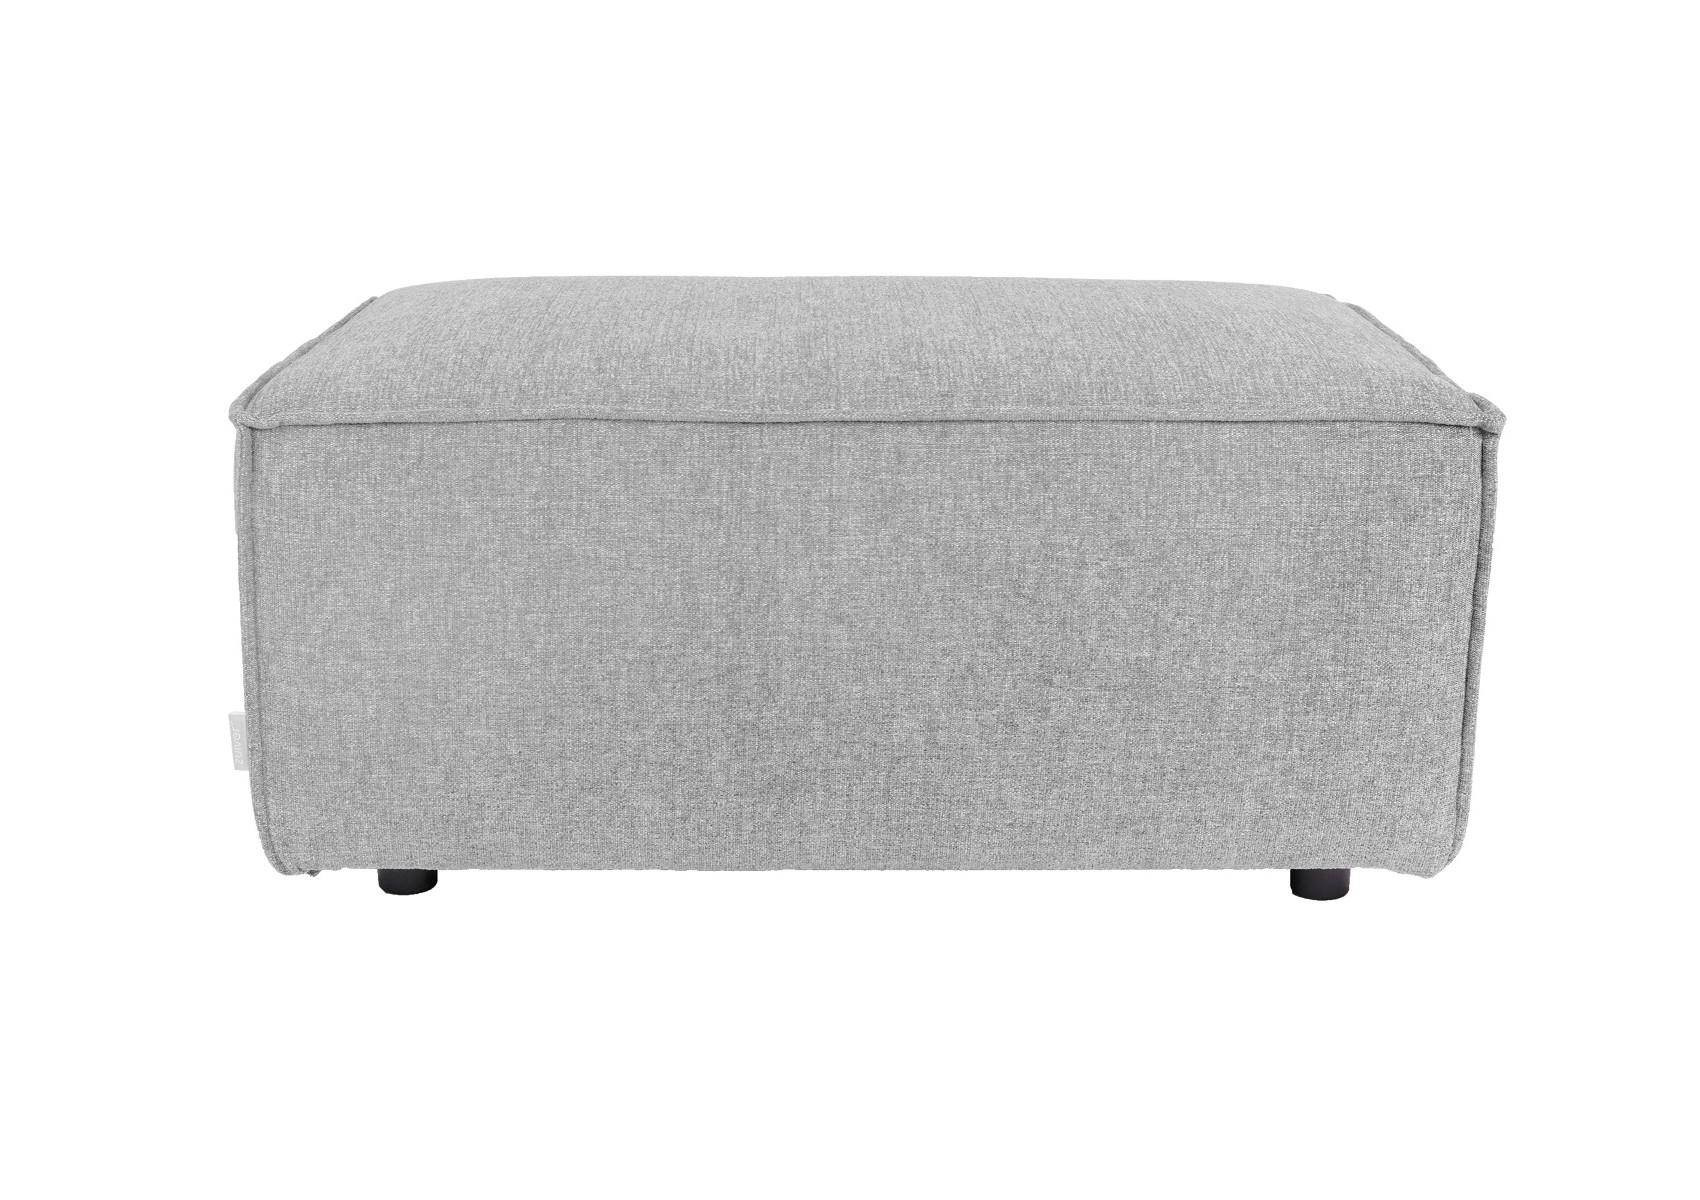 pouf design gris clair de la collection king de chez zuiver. Black Bedroom Furniture Sets. Home Design Ideas